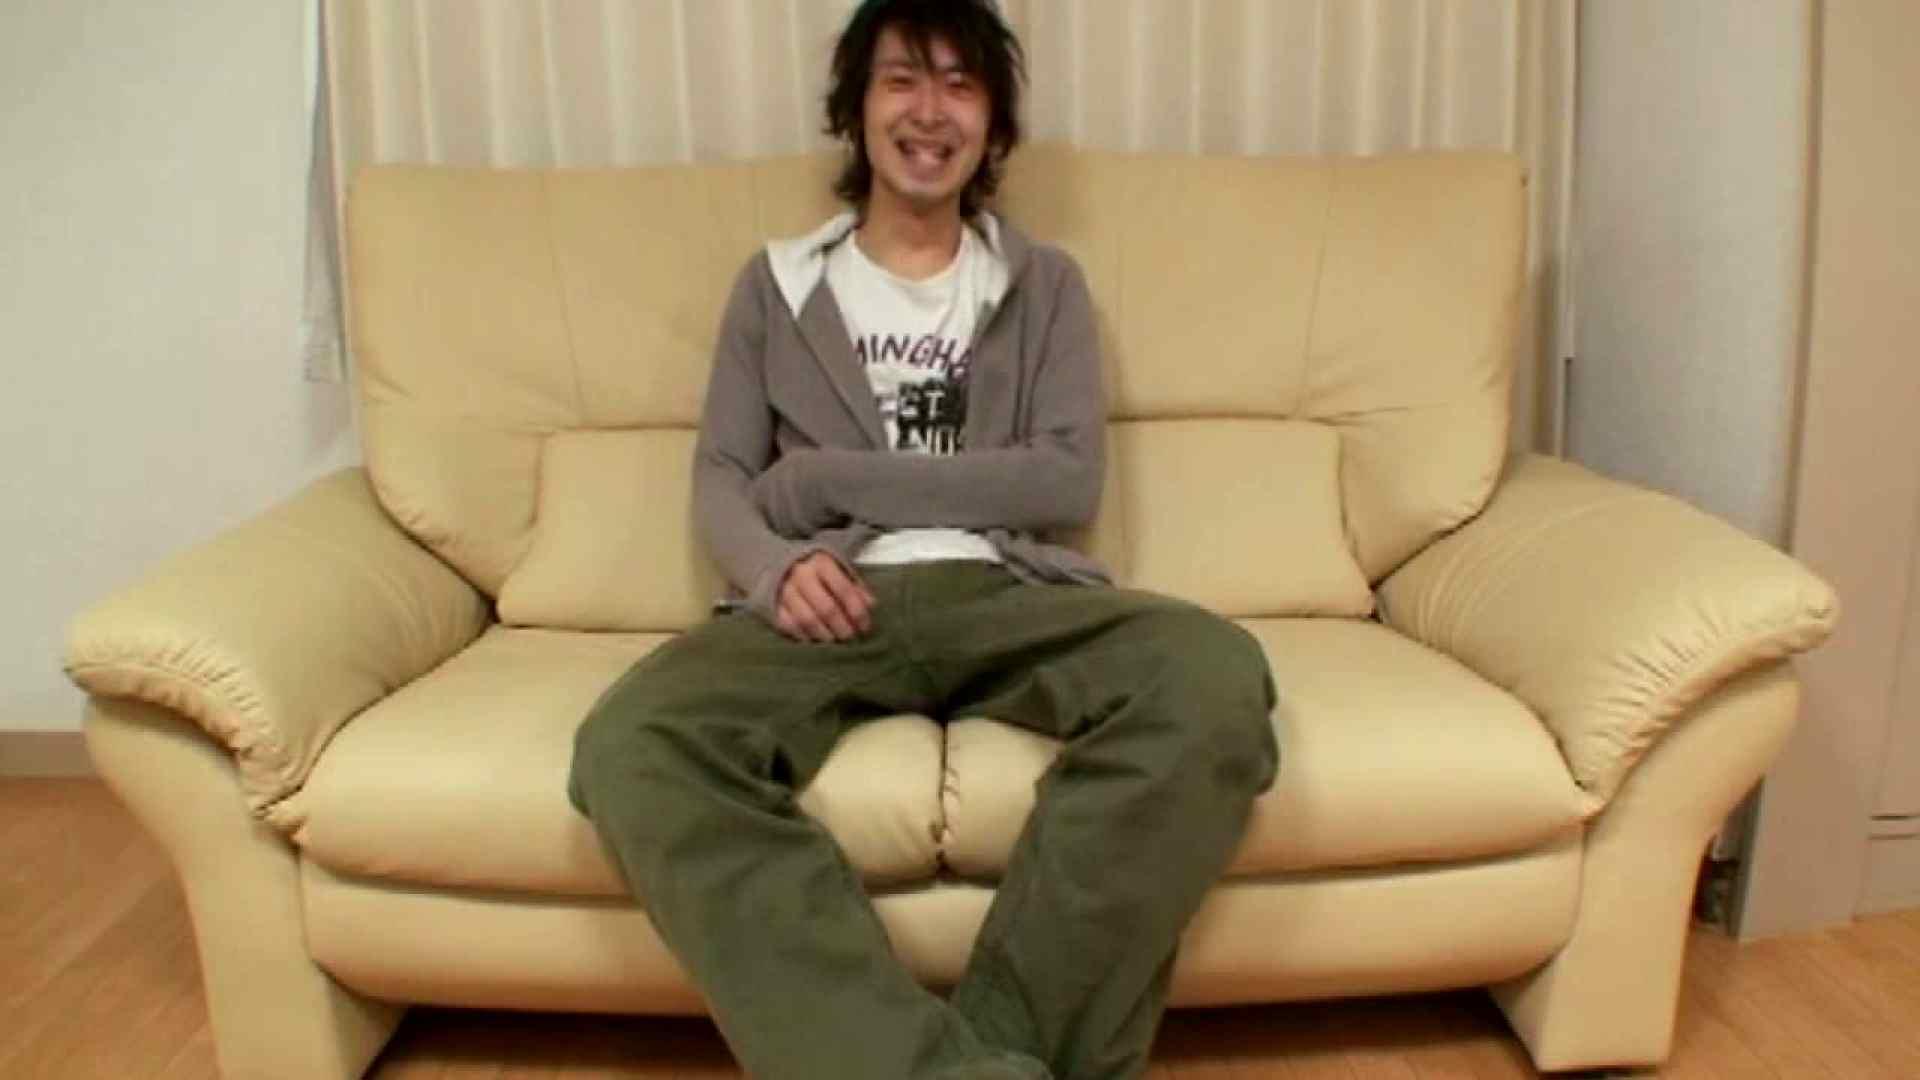 ノンケ!自慰スタジオ No.21 ノンケまつり ゲイアダルト画像 102枚 41